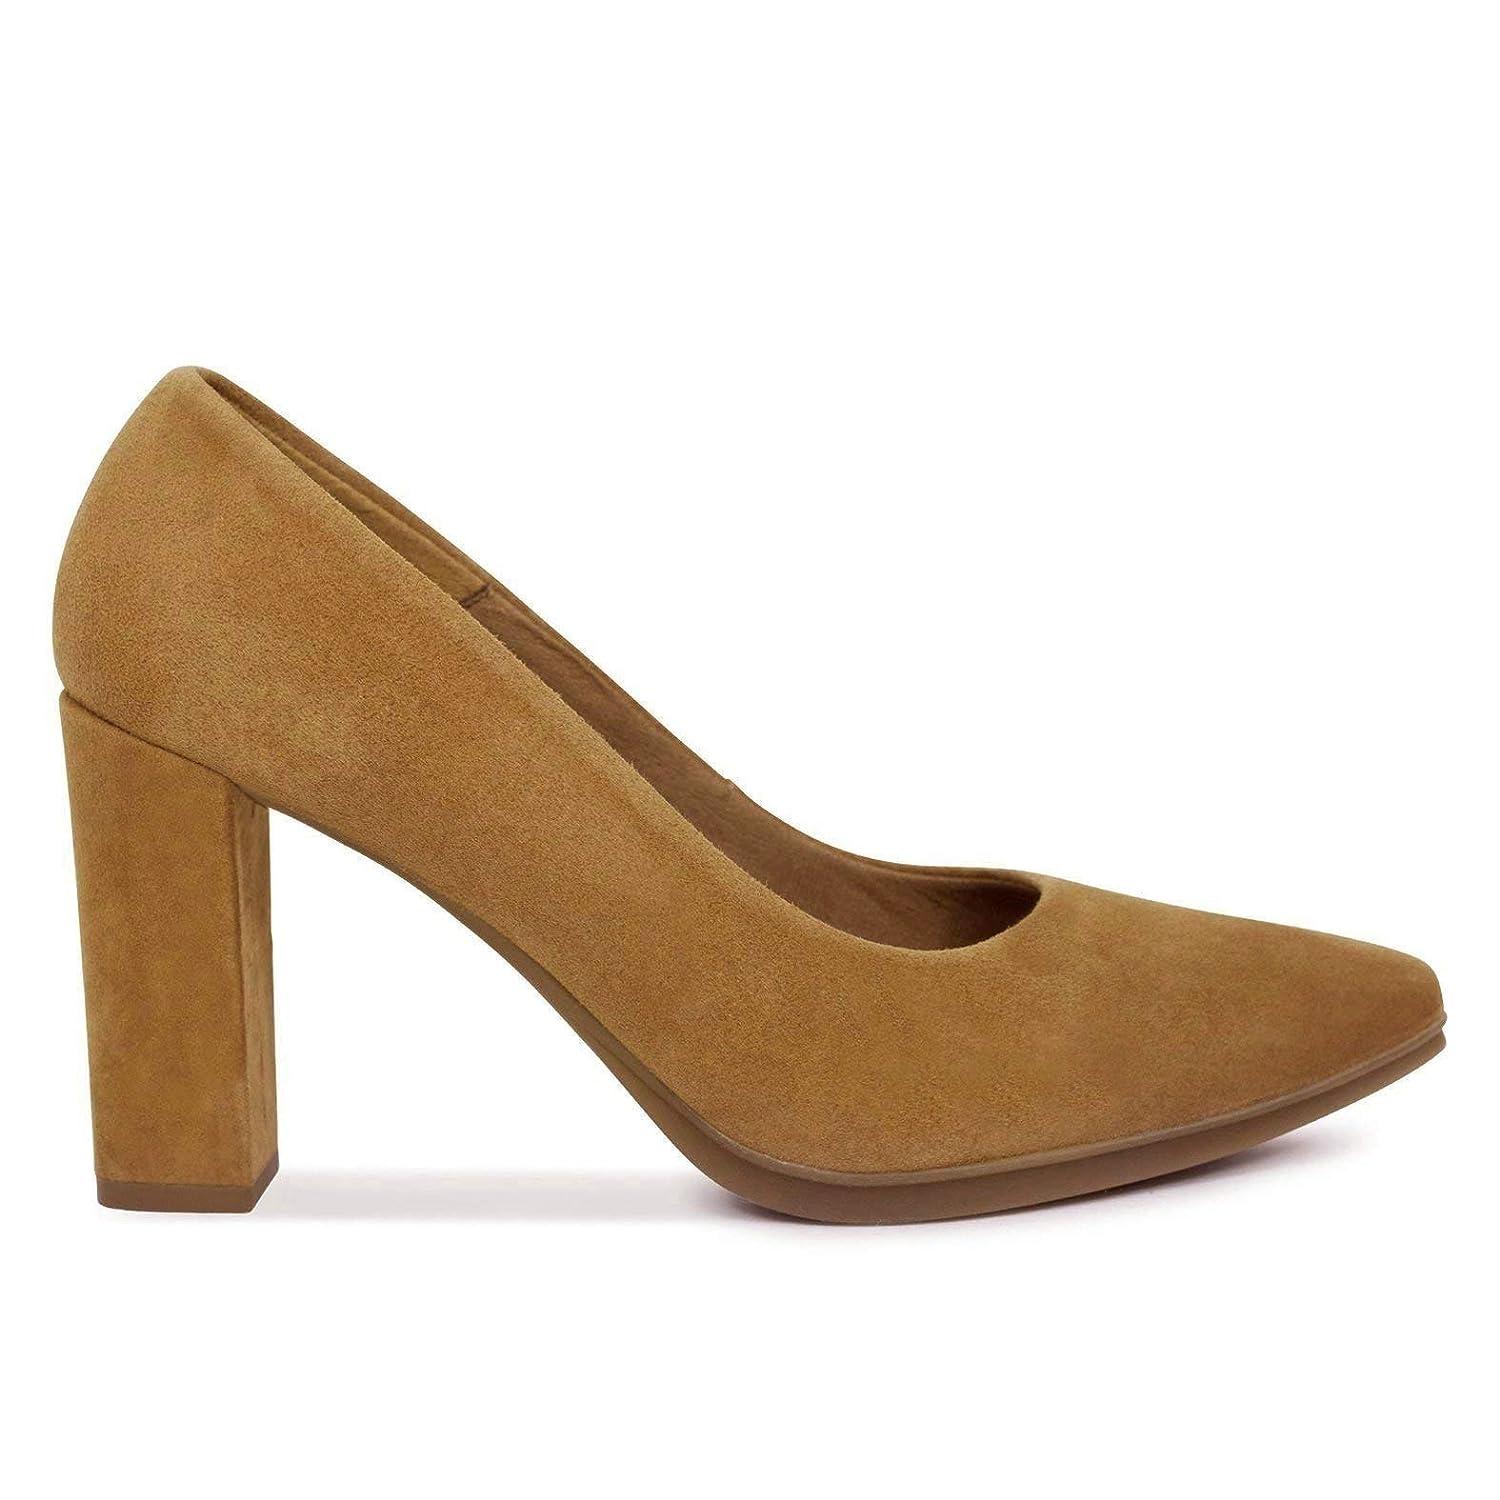 Zapatos Salón. Zapatos Piel Mujer Hechos EN ESPAÑA. Zapatos Tacón Cuero. Zapato Mimao. Zapatos Mujer Tacón. Zapatos Mujer Fiesta y Baile Latino. Zapato Cómodo Mujer con Plantilla Confort Gel